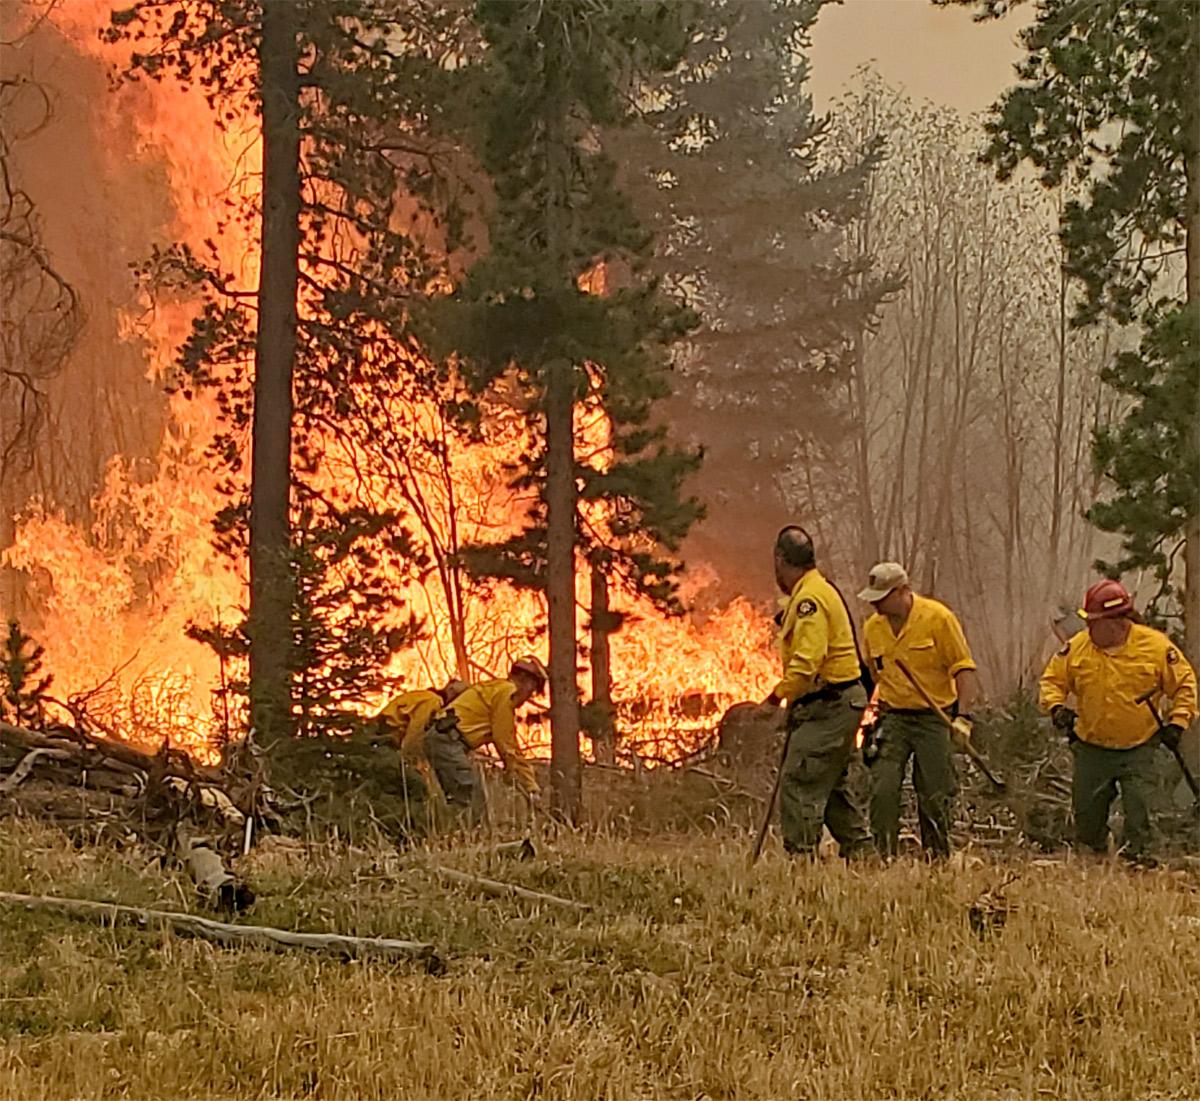 Imagen 1: Fuego